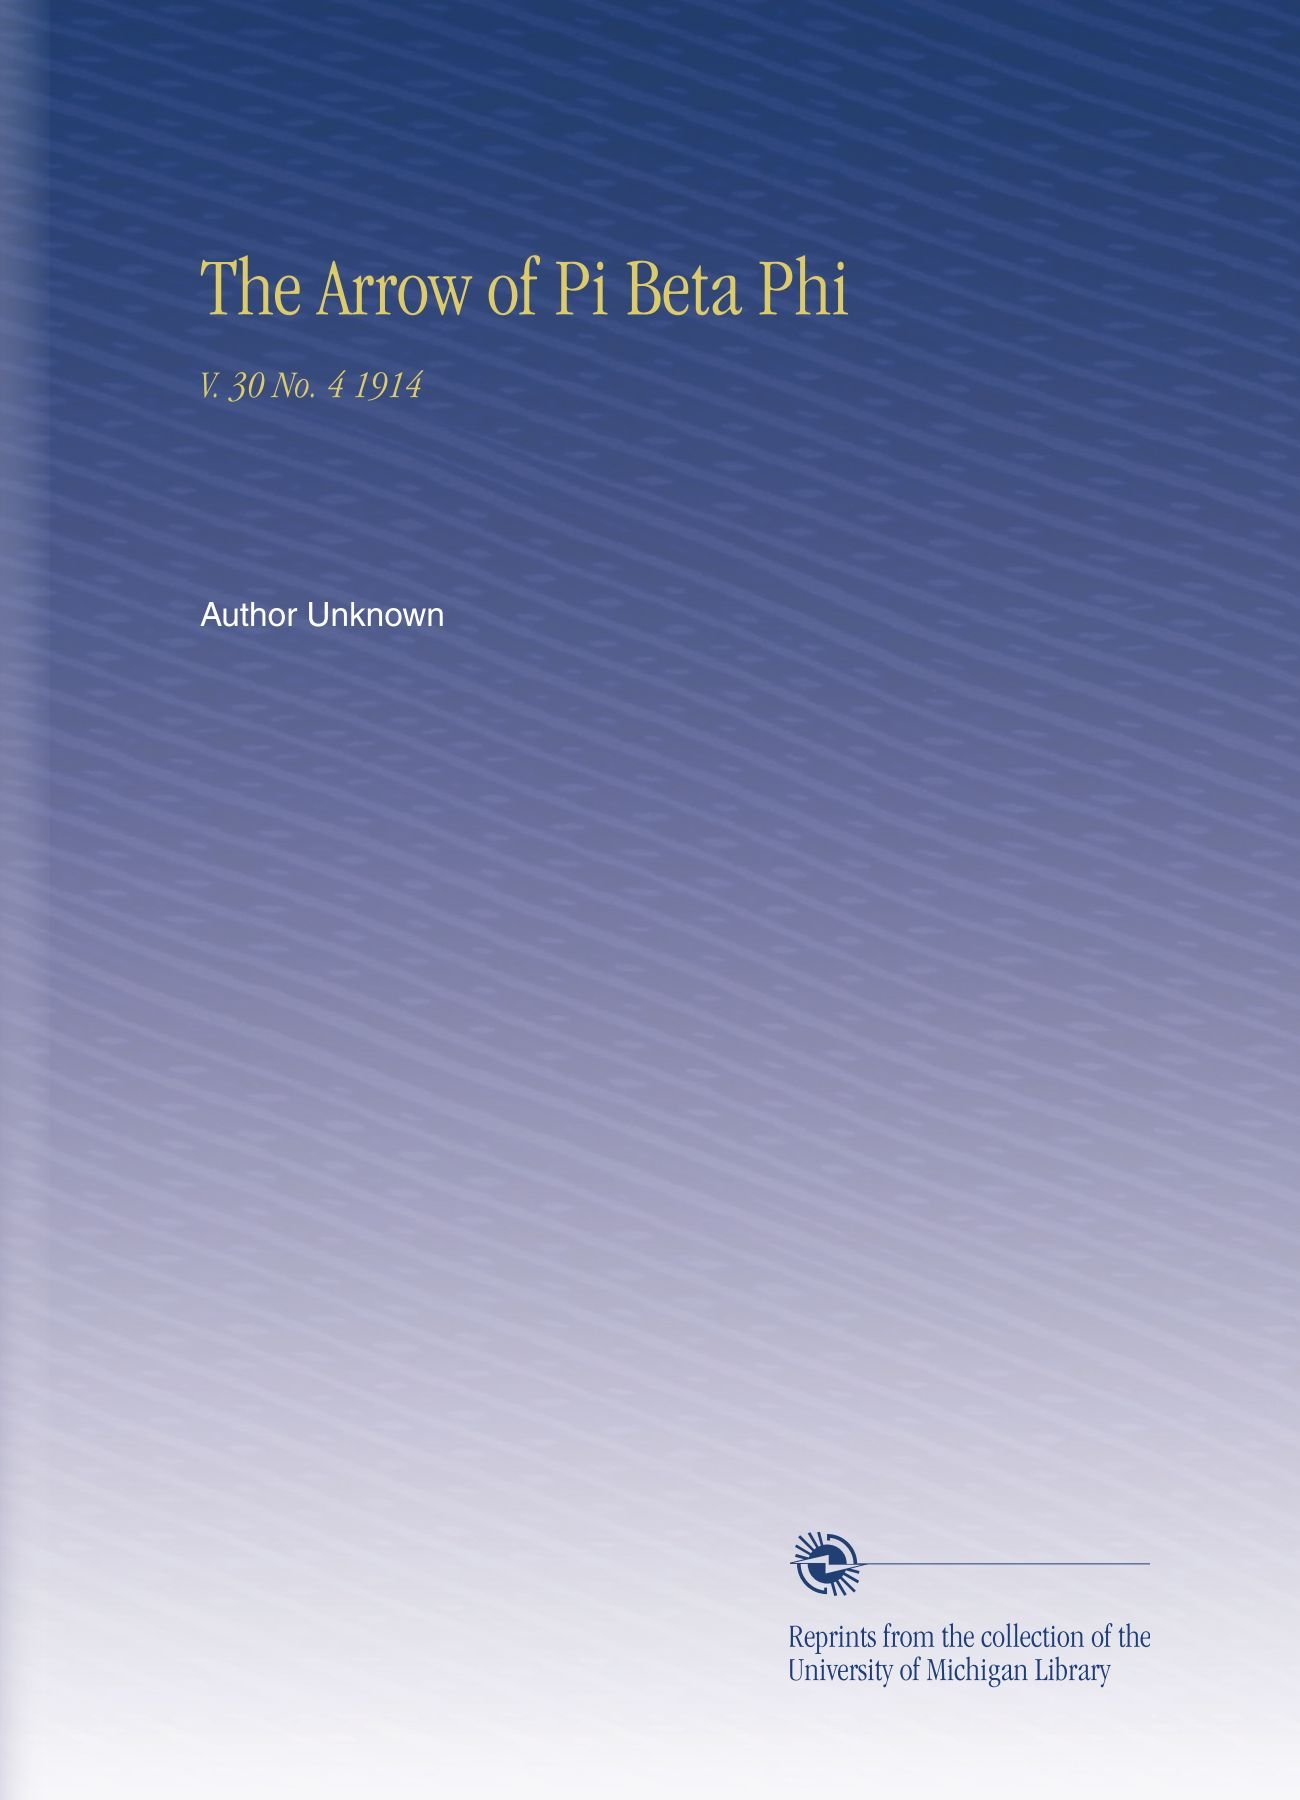 Download The Arrow of Pi Beta Phi: V. 30 No. 4 1914 ebook